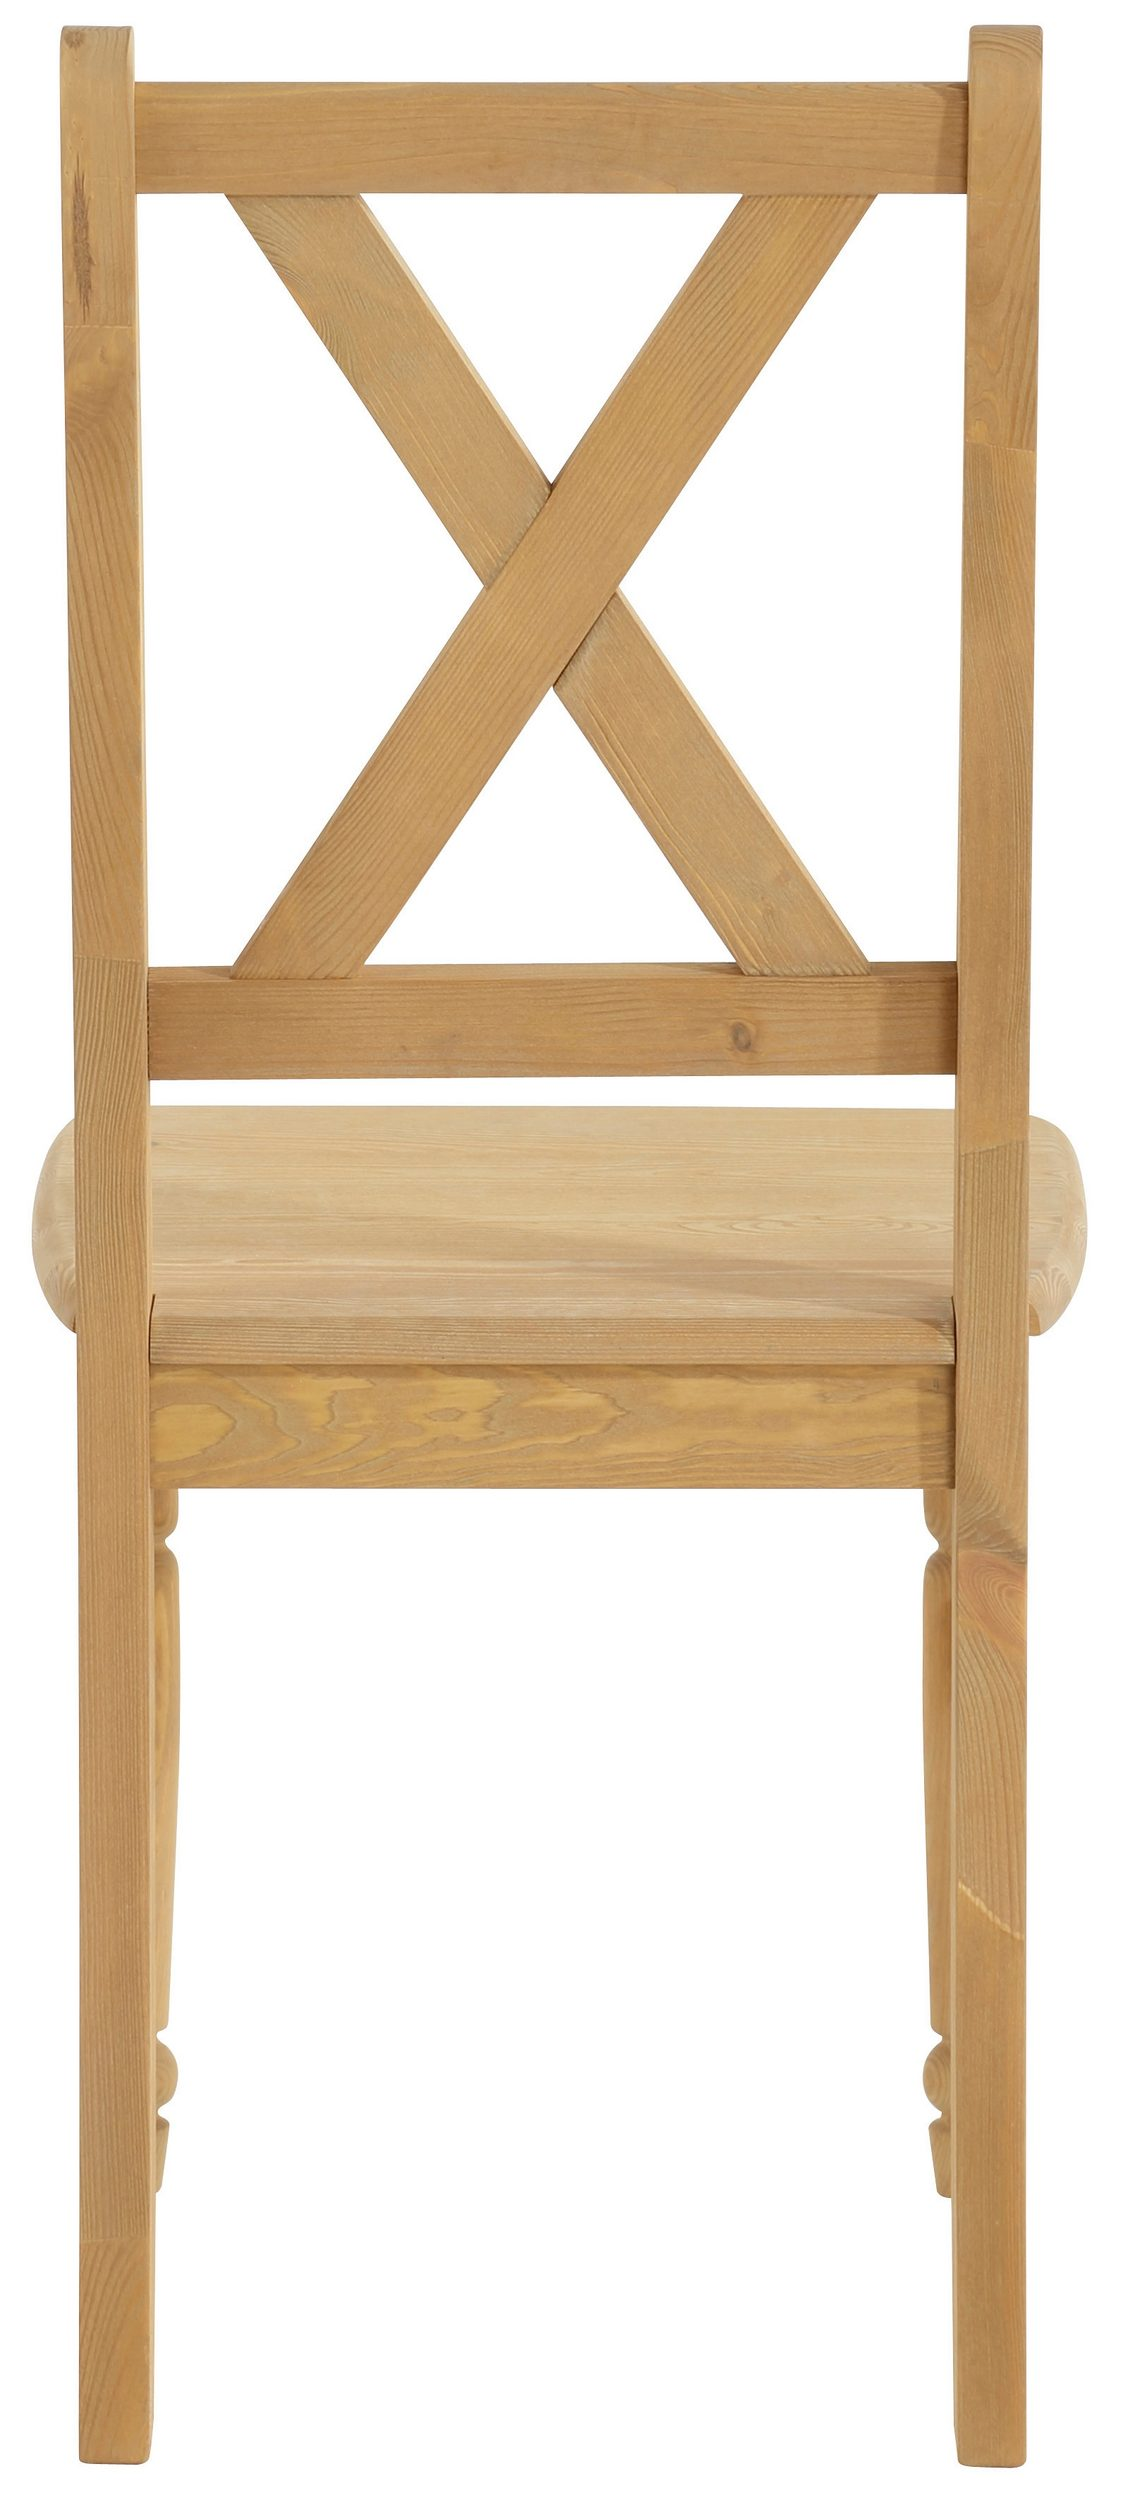 Przepiękne Sosnowe Krzesła Z Toczonymi Nogami 4 Sztuki